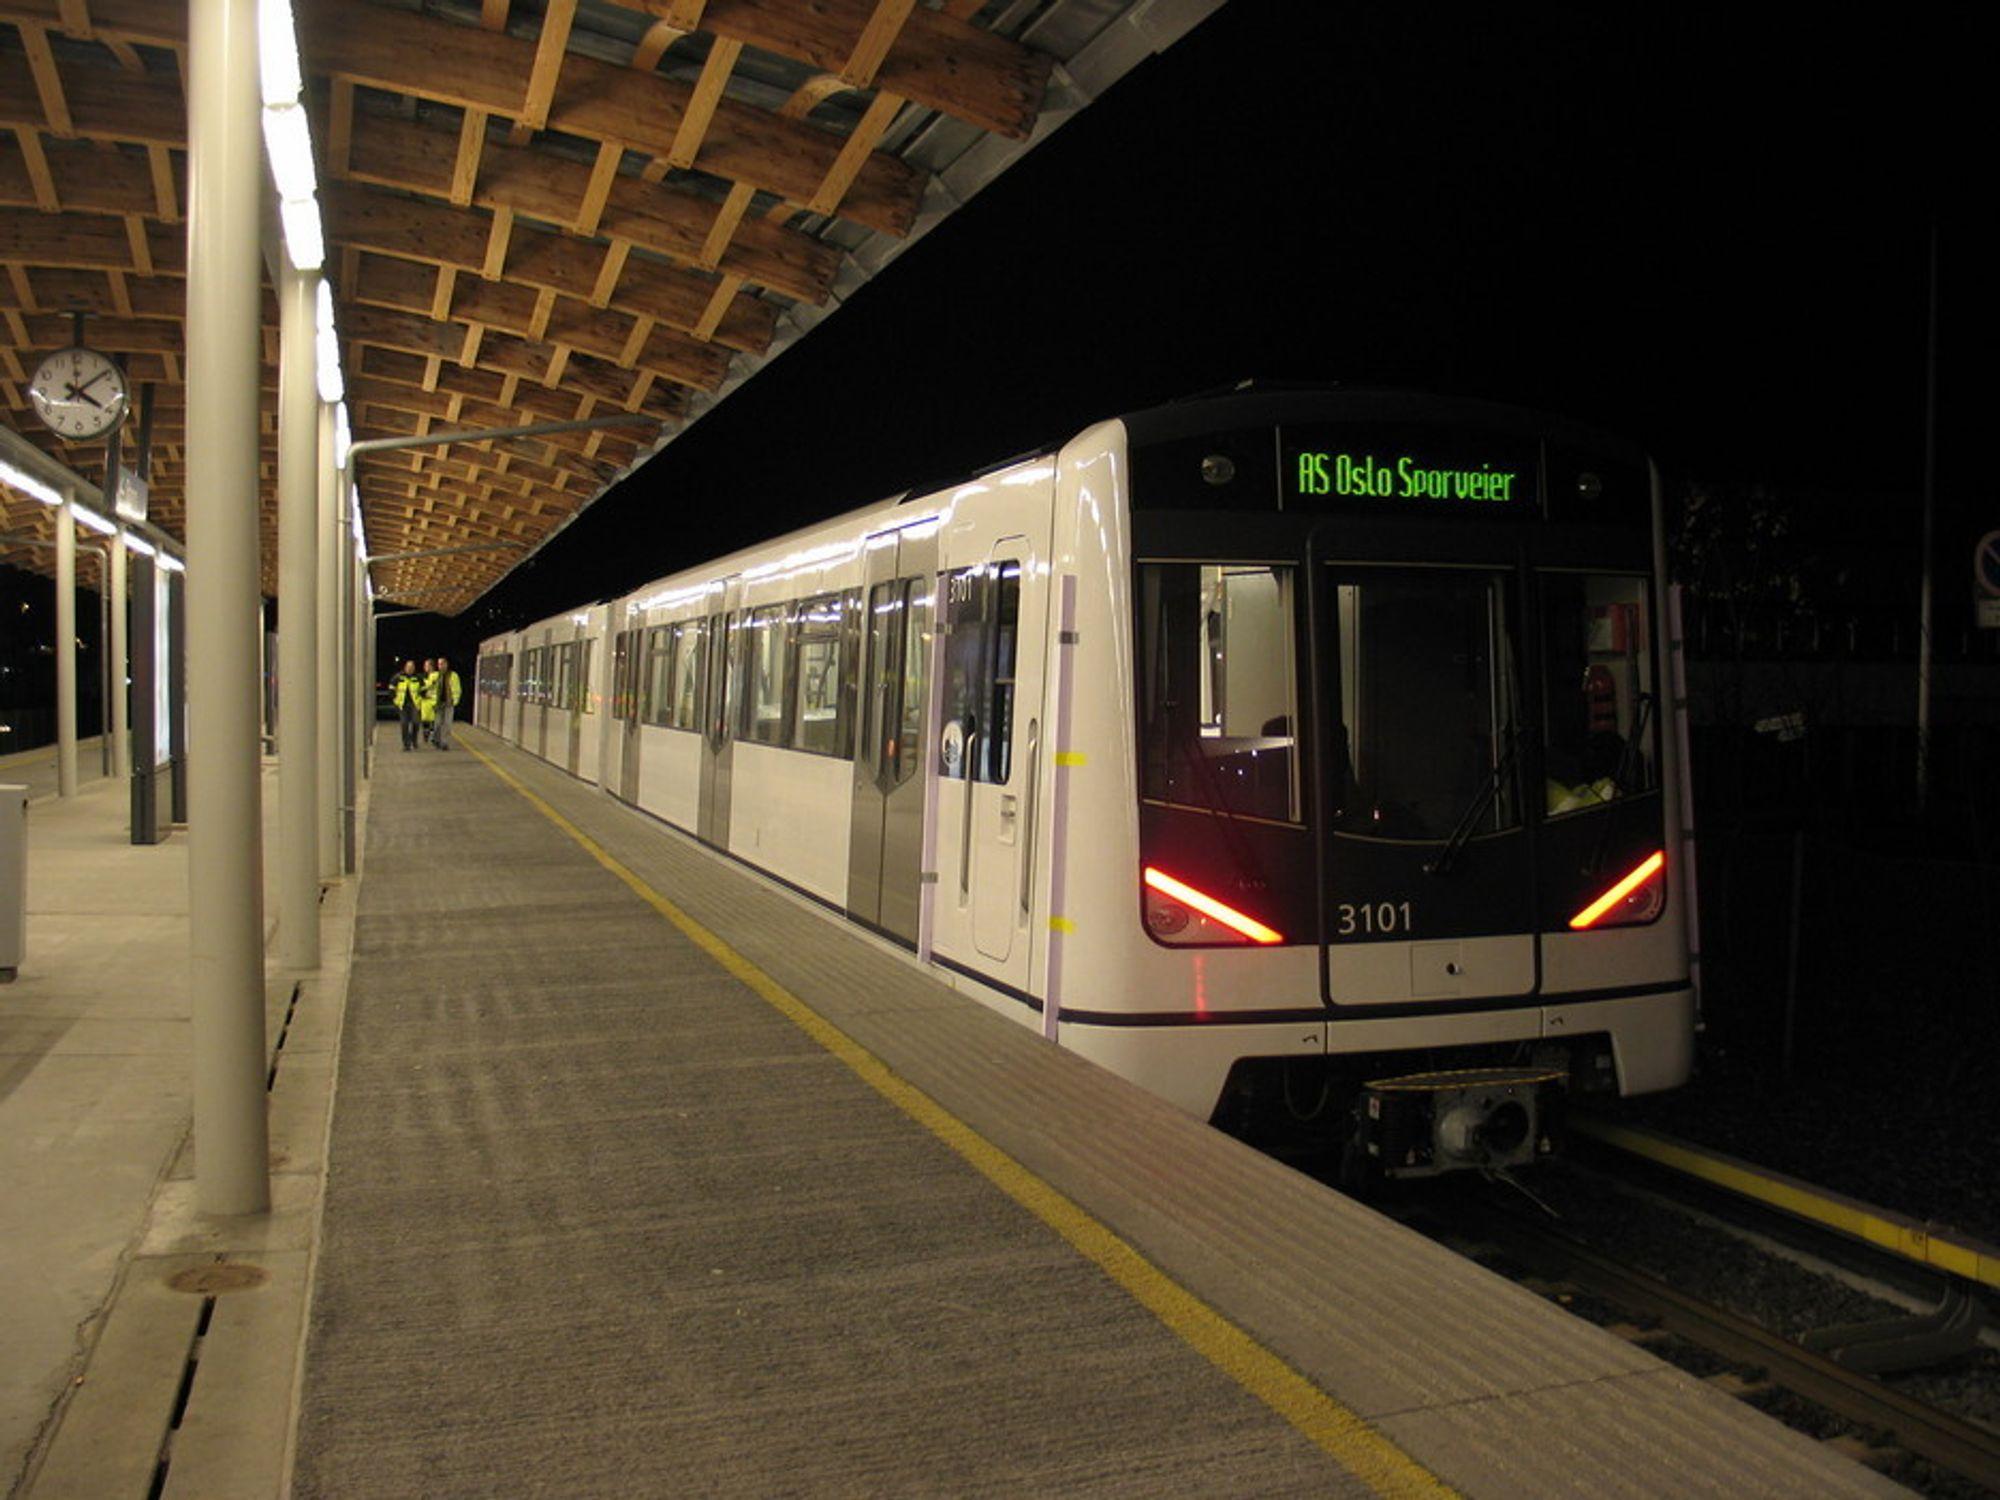 TIDSRIKTIG: De nye T-banetogene blir en stor forbedring sammenlignet med de gamle. Oslo Sporveier tror de vil hjelpe på avgangenes punktlighet.